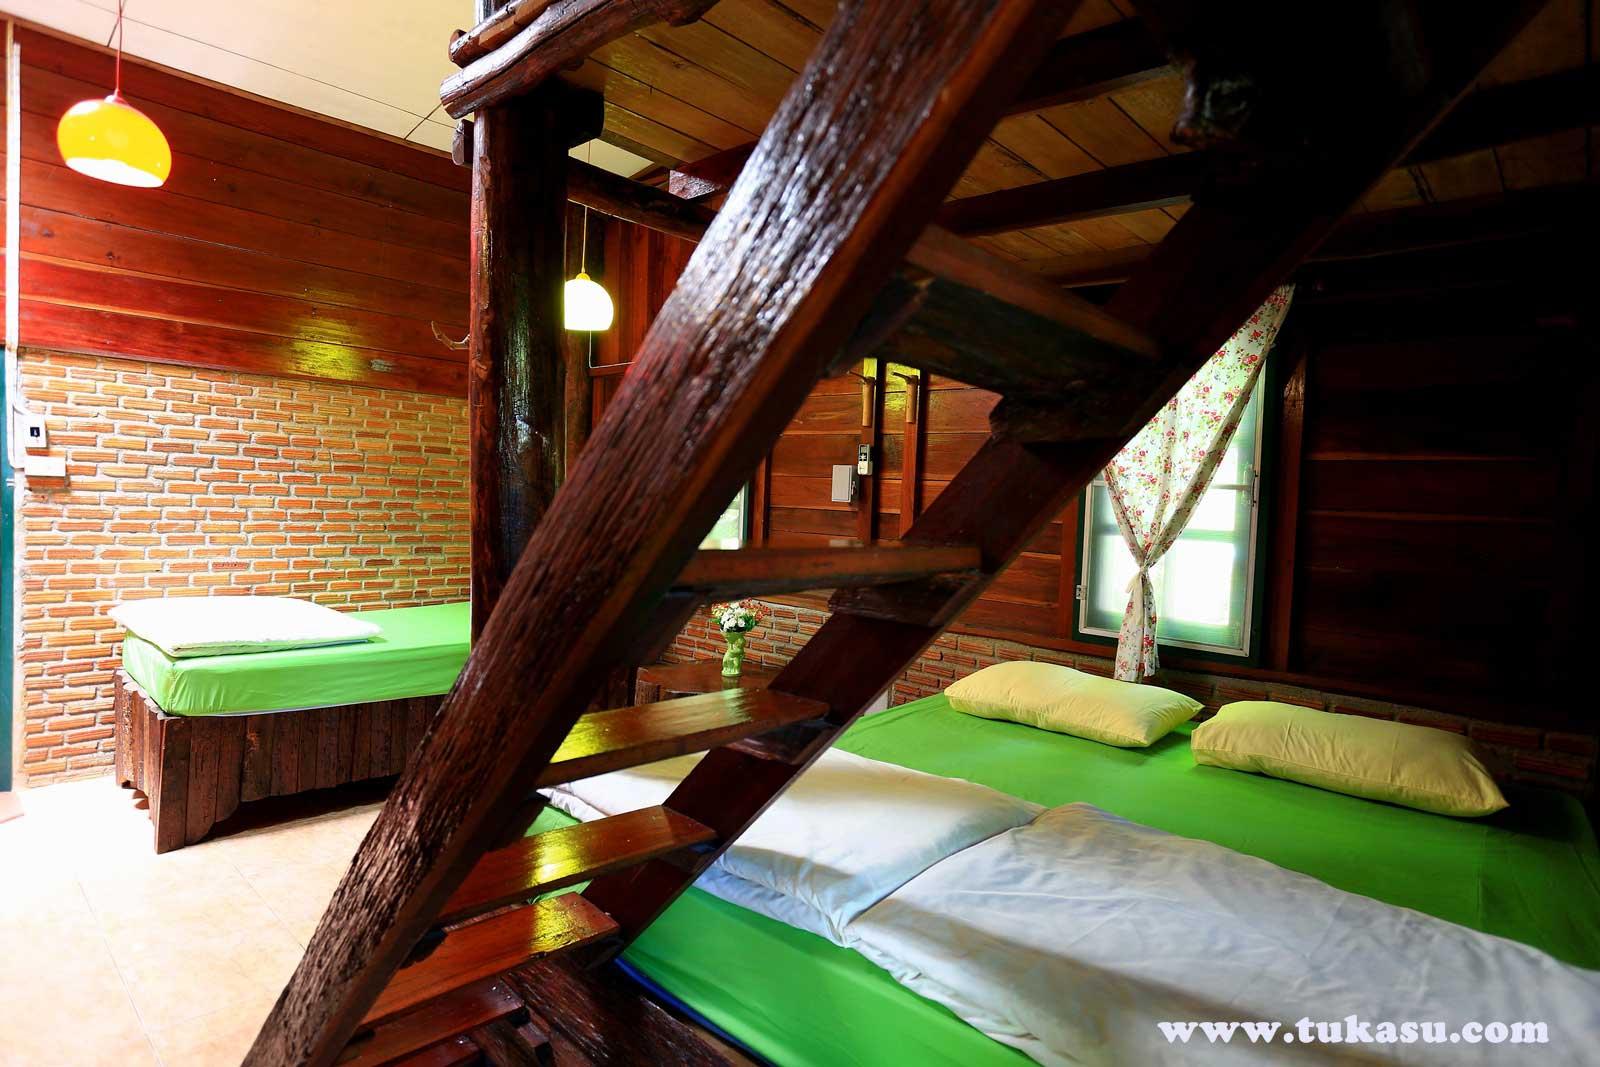 บ้านเงาไผ่ : ตูกะสู คอทเทจ ที่พัก อ.อุ้มผาง จ.ตาก